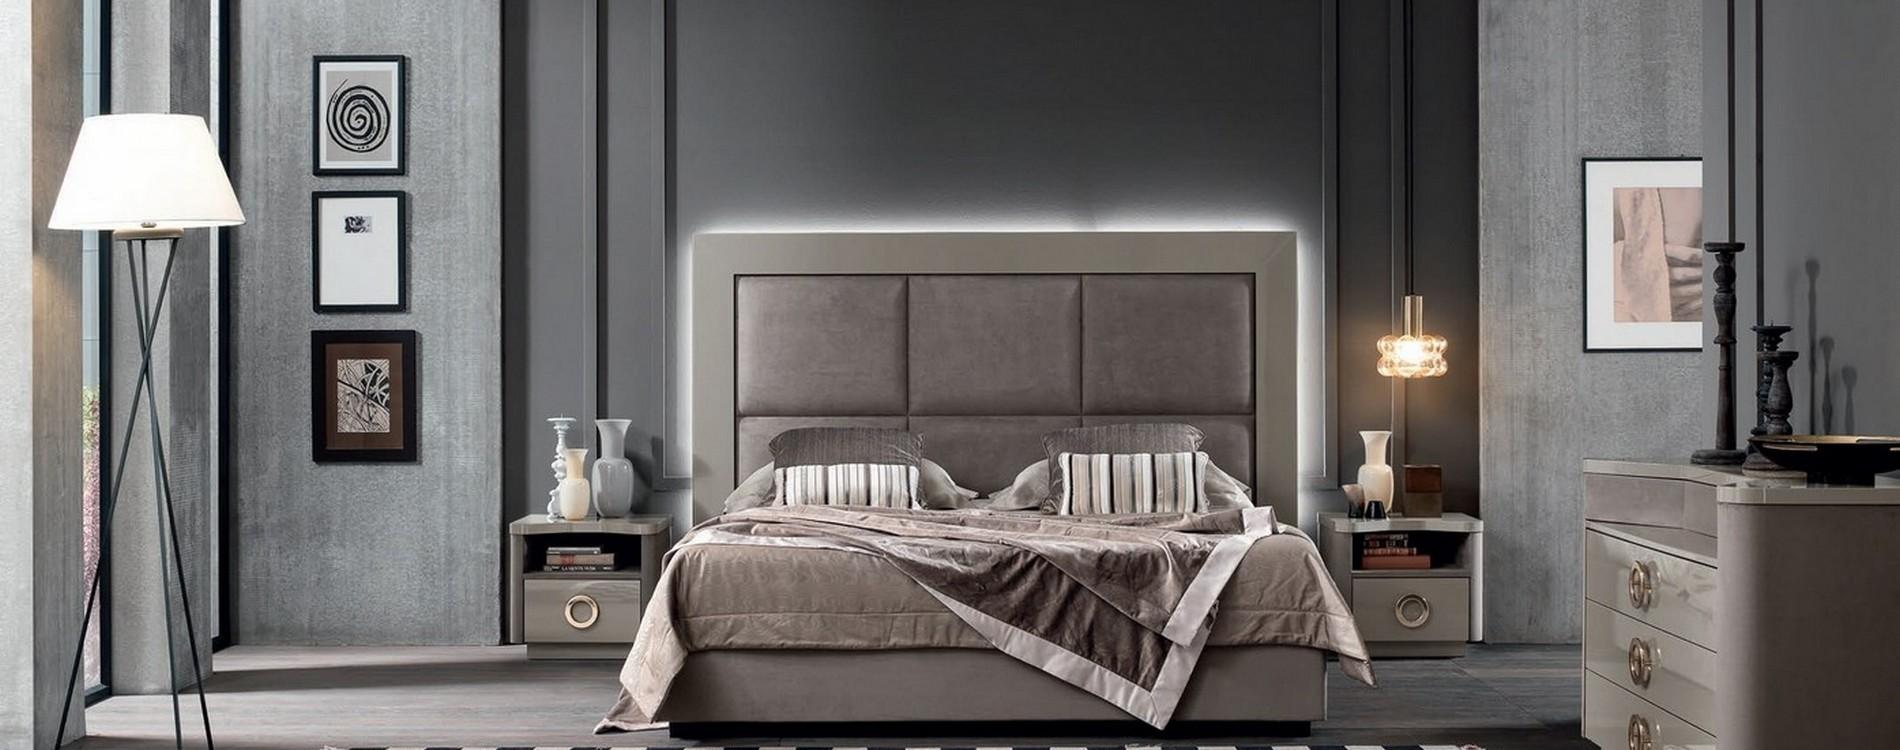 Camere da letto camere da letto design moderno with - Camera da letto moderno ...